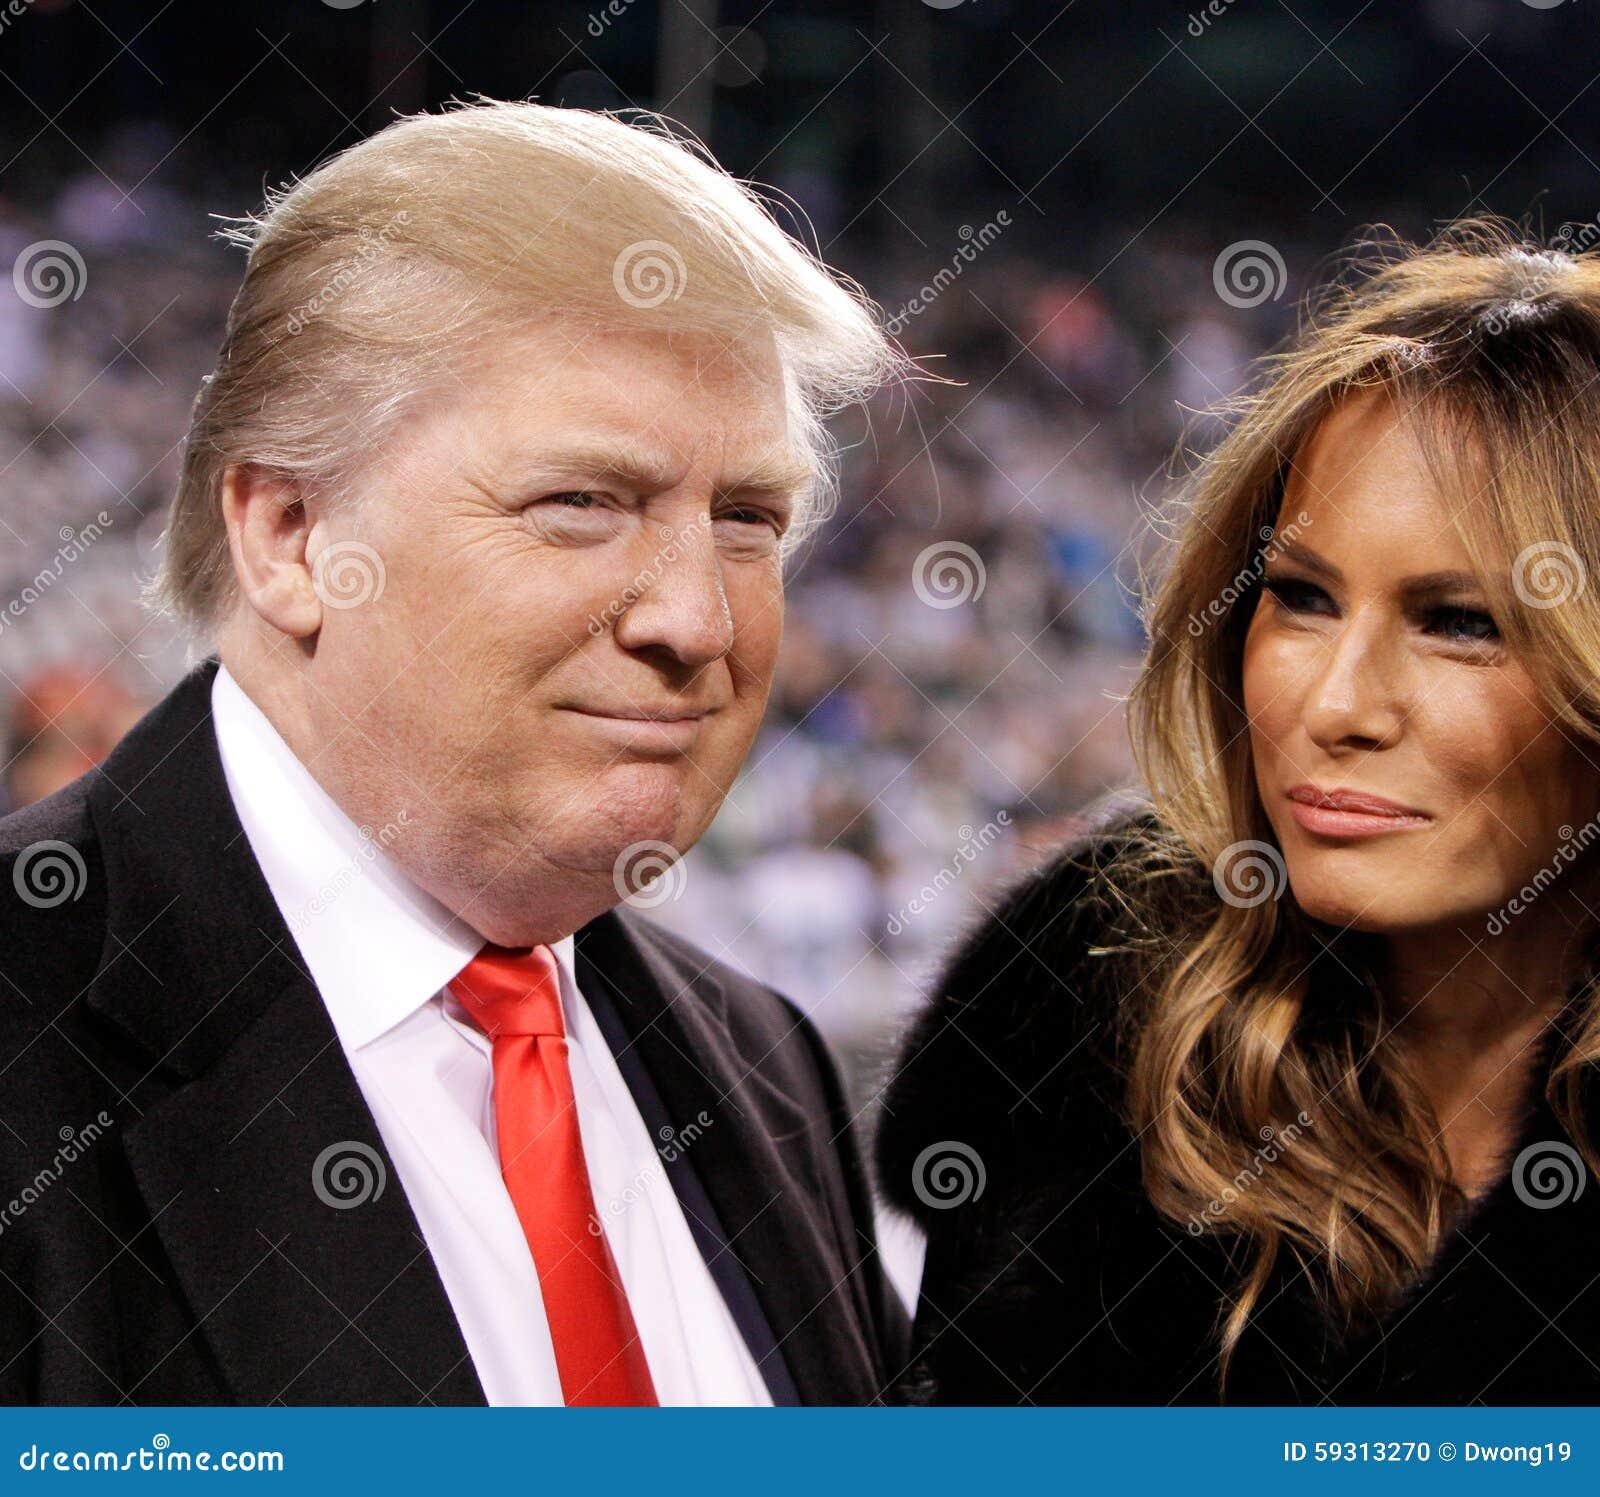 Donald Trump, Melania-Trumpf